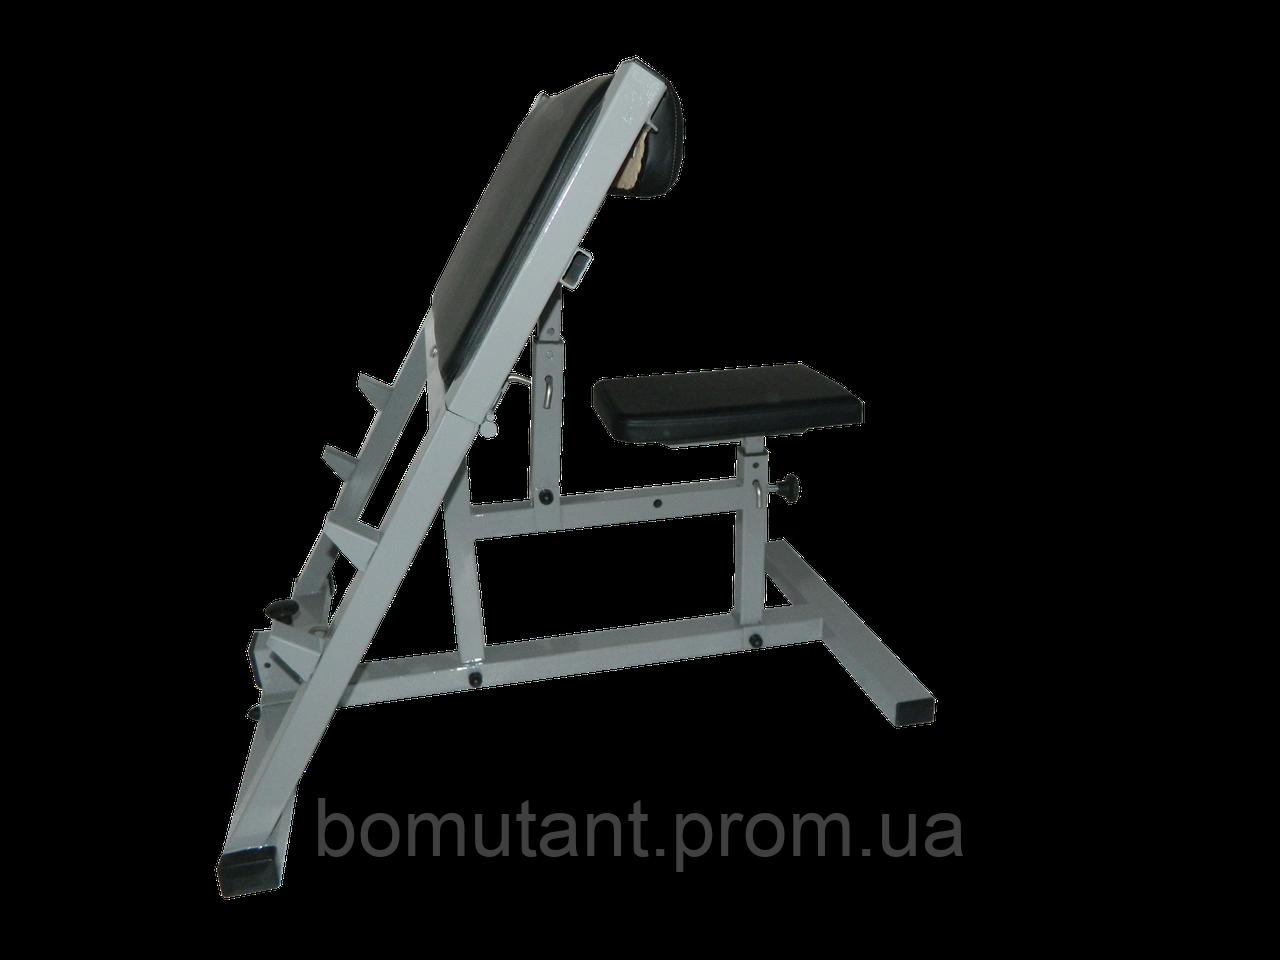 Скамья скотта BOMutant Plus  усиленный трансформер для профессионалов